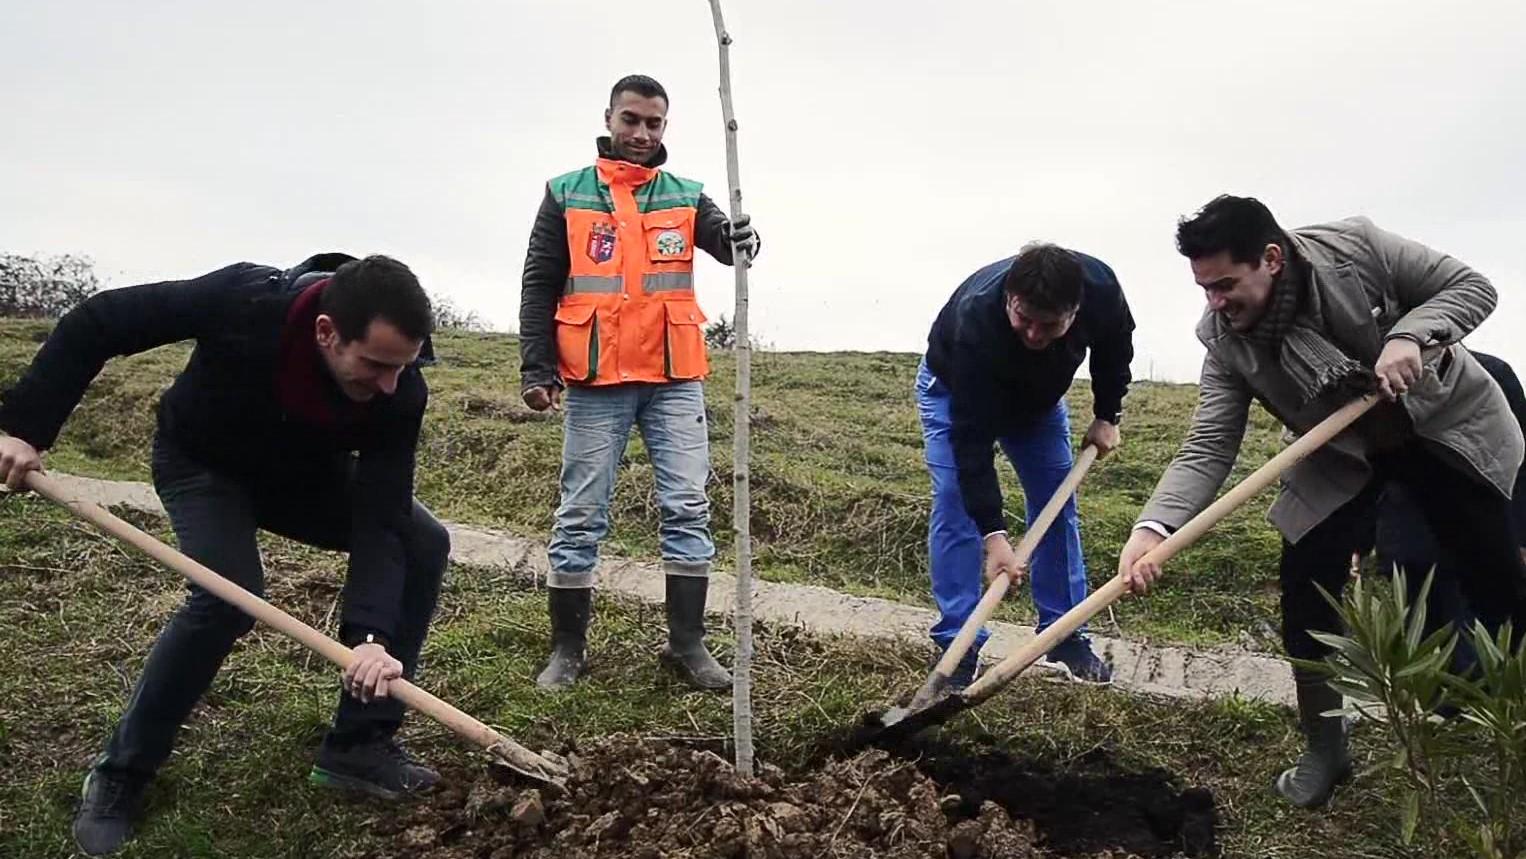 77 mijë pemë të mbjella në Tiranë, tenori Saimir Pirgu i bashkohet nismës së Bashkisë